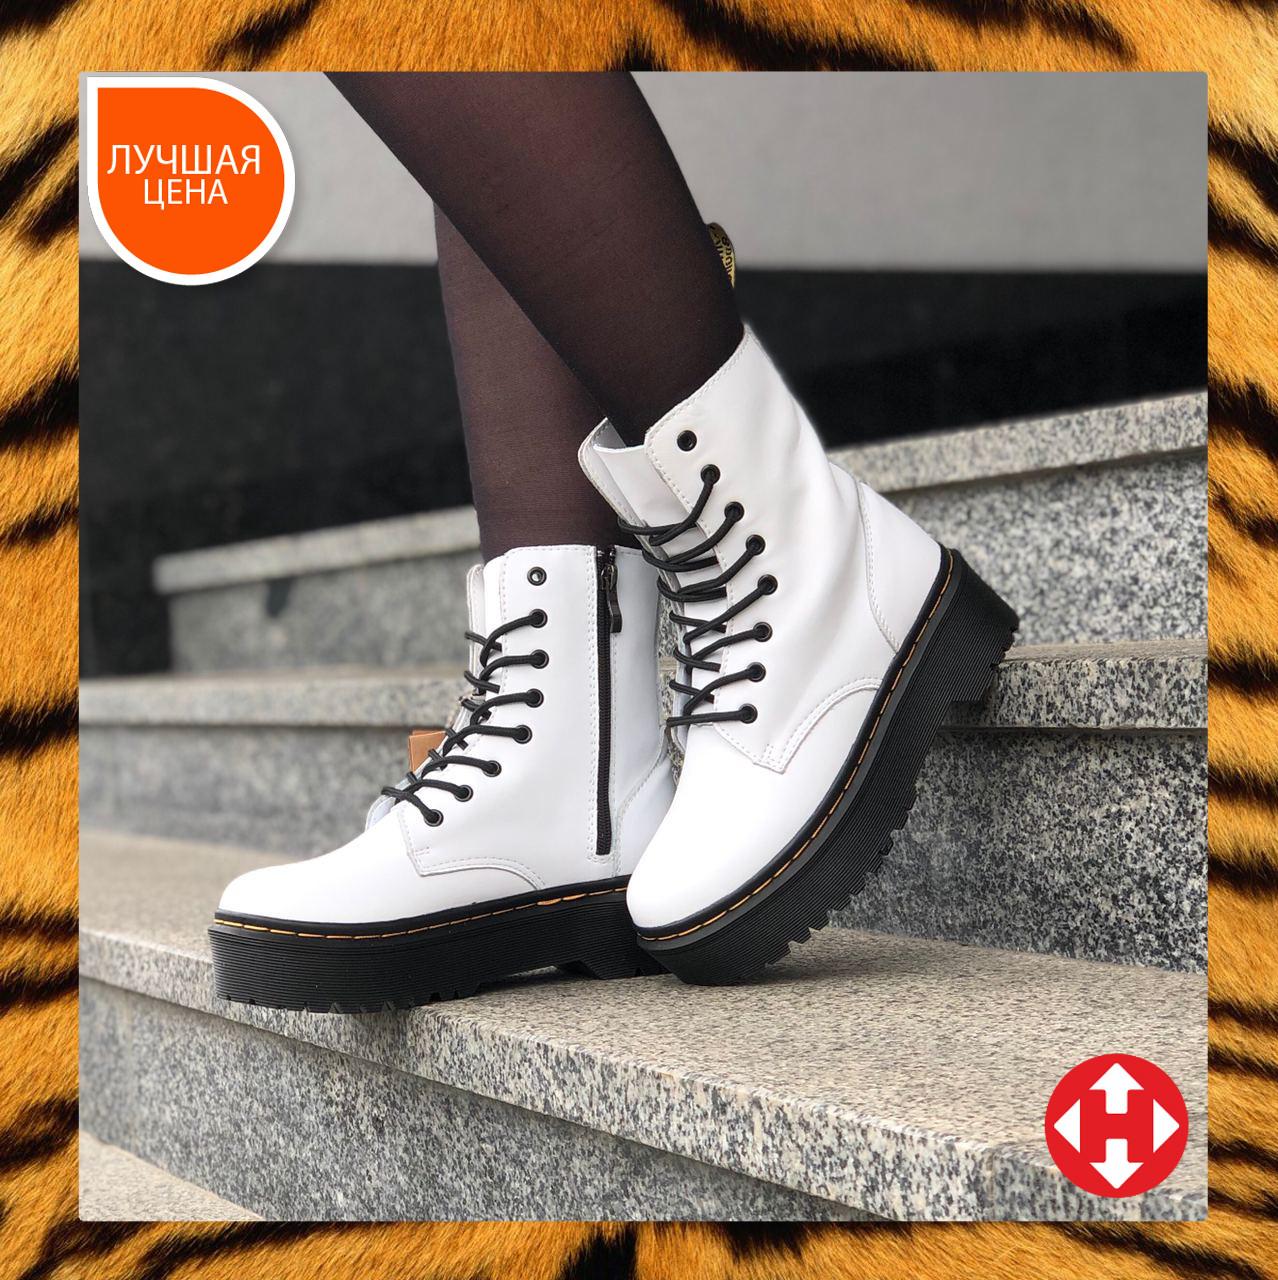 🔥 Ботинки женские высокие зимние Dr. Martens Jadon белые кожаные кожа теплые термо